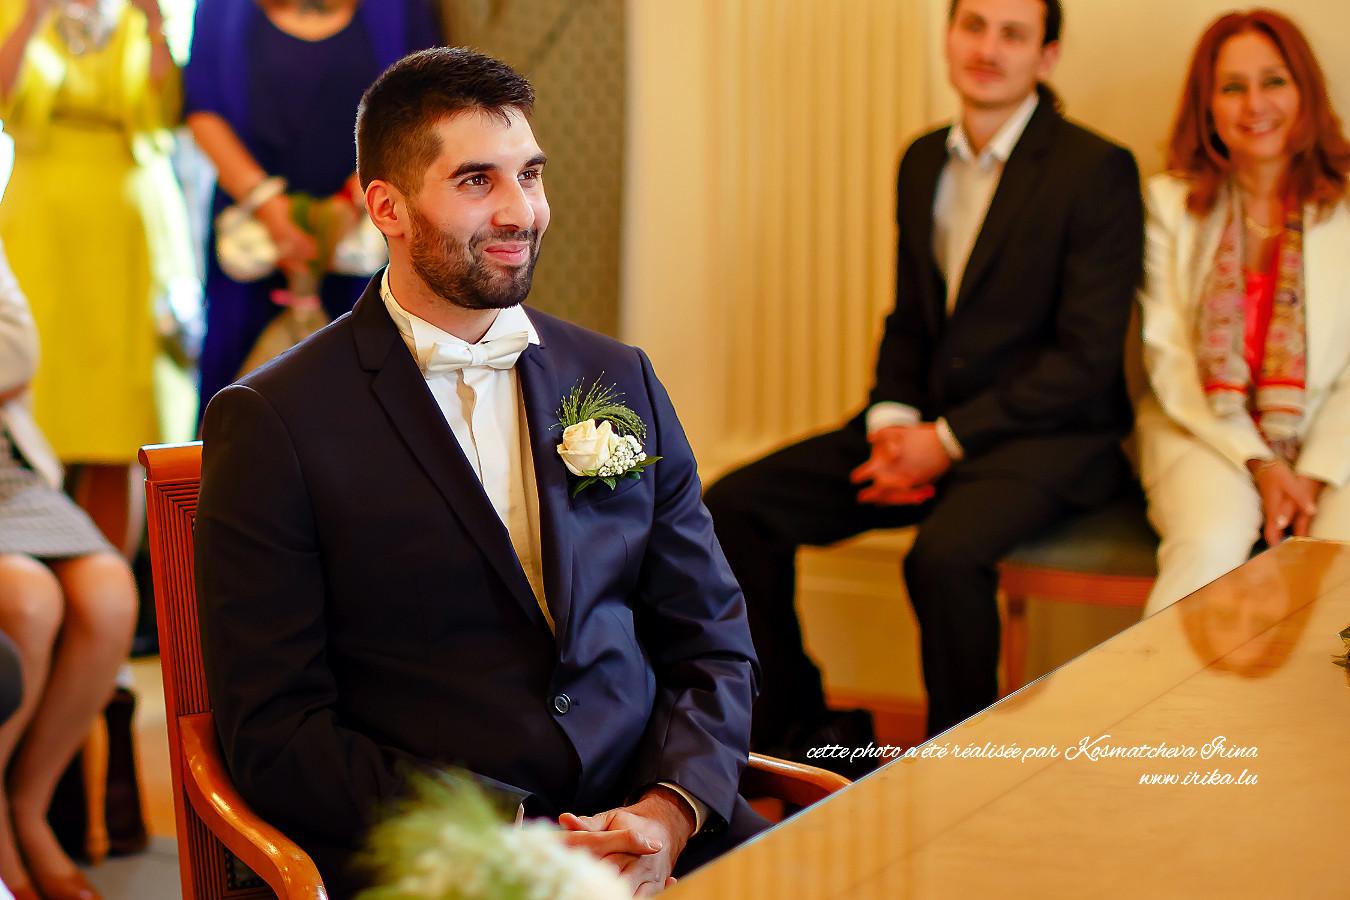 Prêt pour être marié